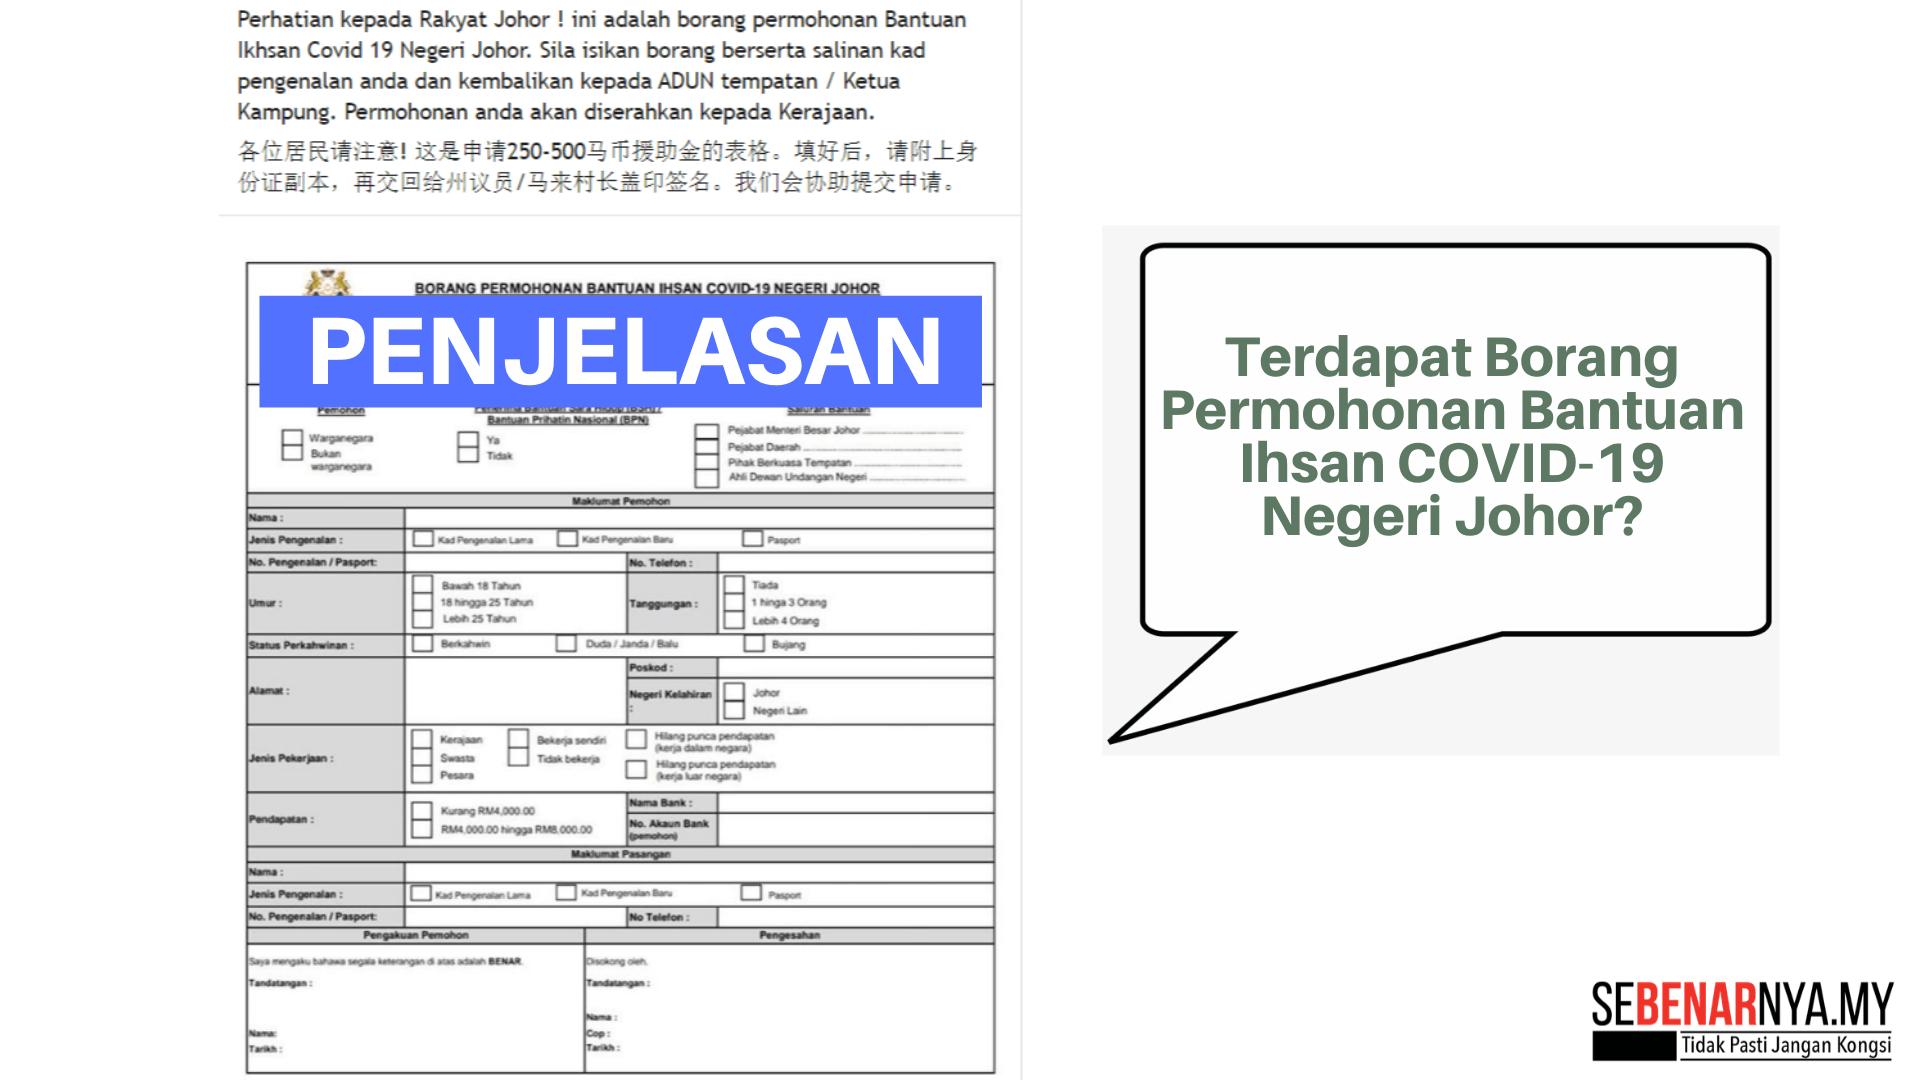 Borang Permohonan Bantuan Ihsan Covid 19 Negeri Johor Yang Tular Di Media Sosial Bukan Untuk Edaran Awam Sebenarnya My